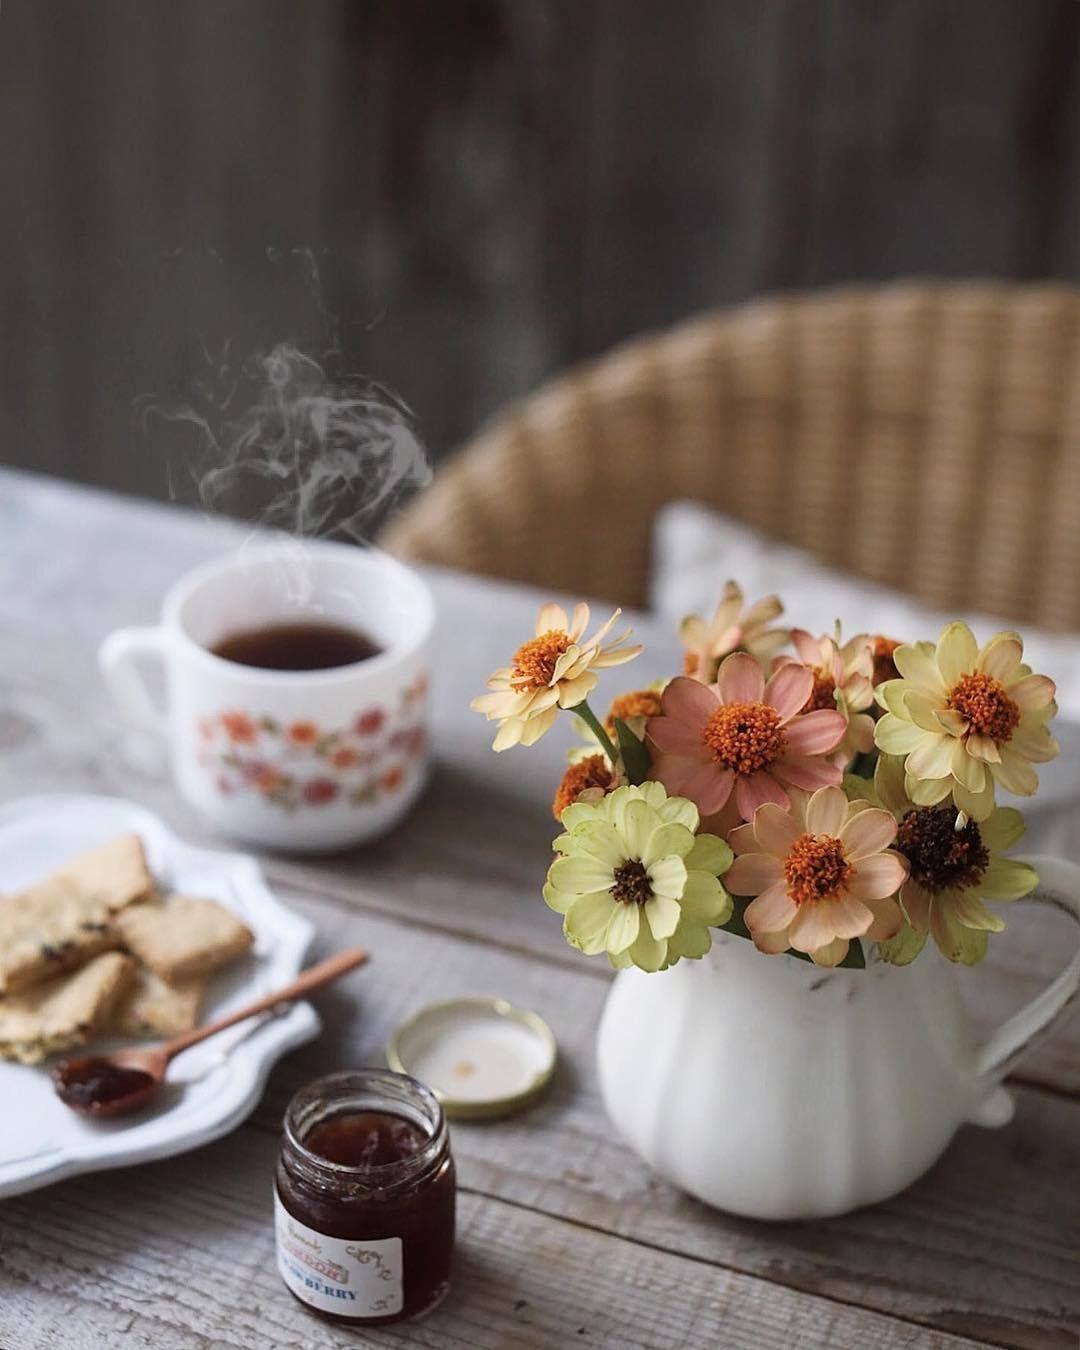 coffee tea warm drinks おしゃれまとめの人気アイデア pinterest helen lis 食べ物 食 朝食